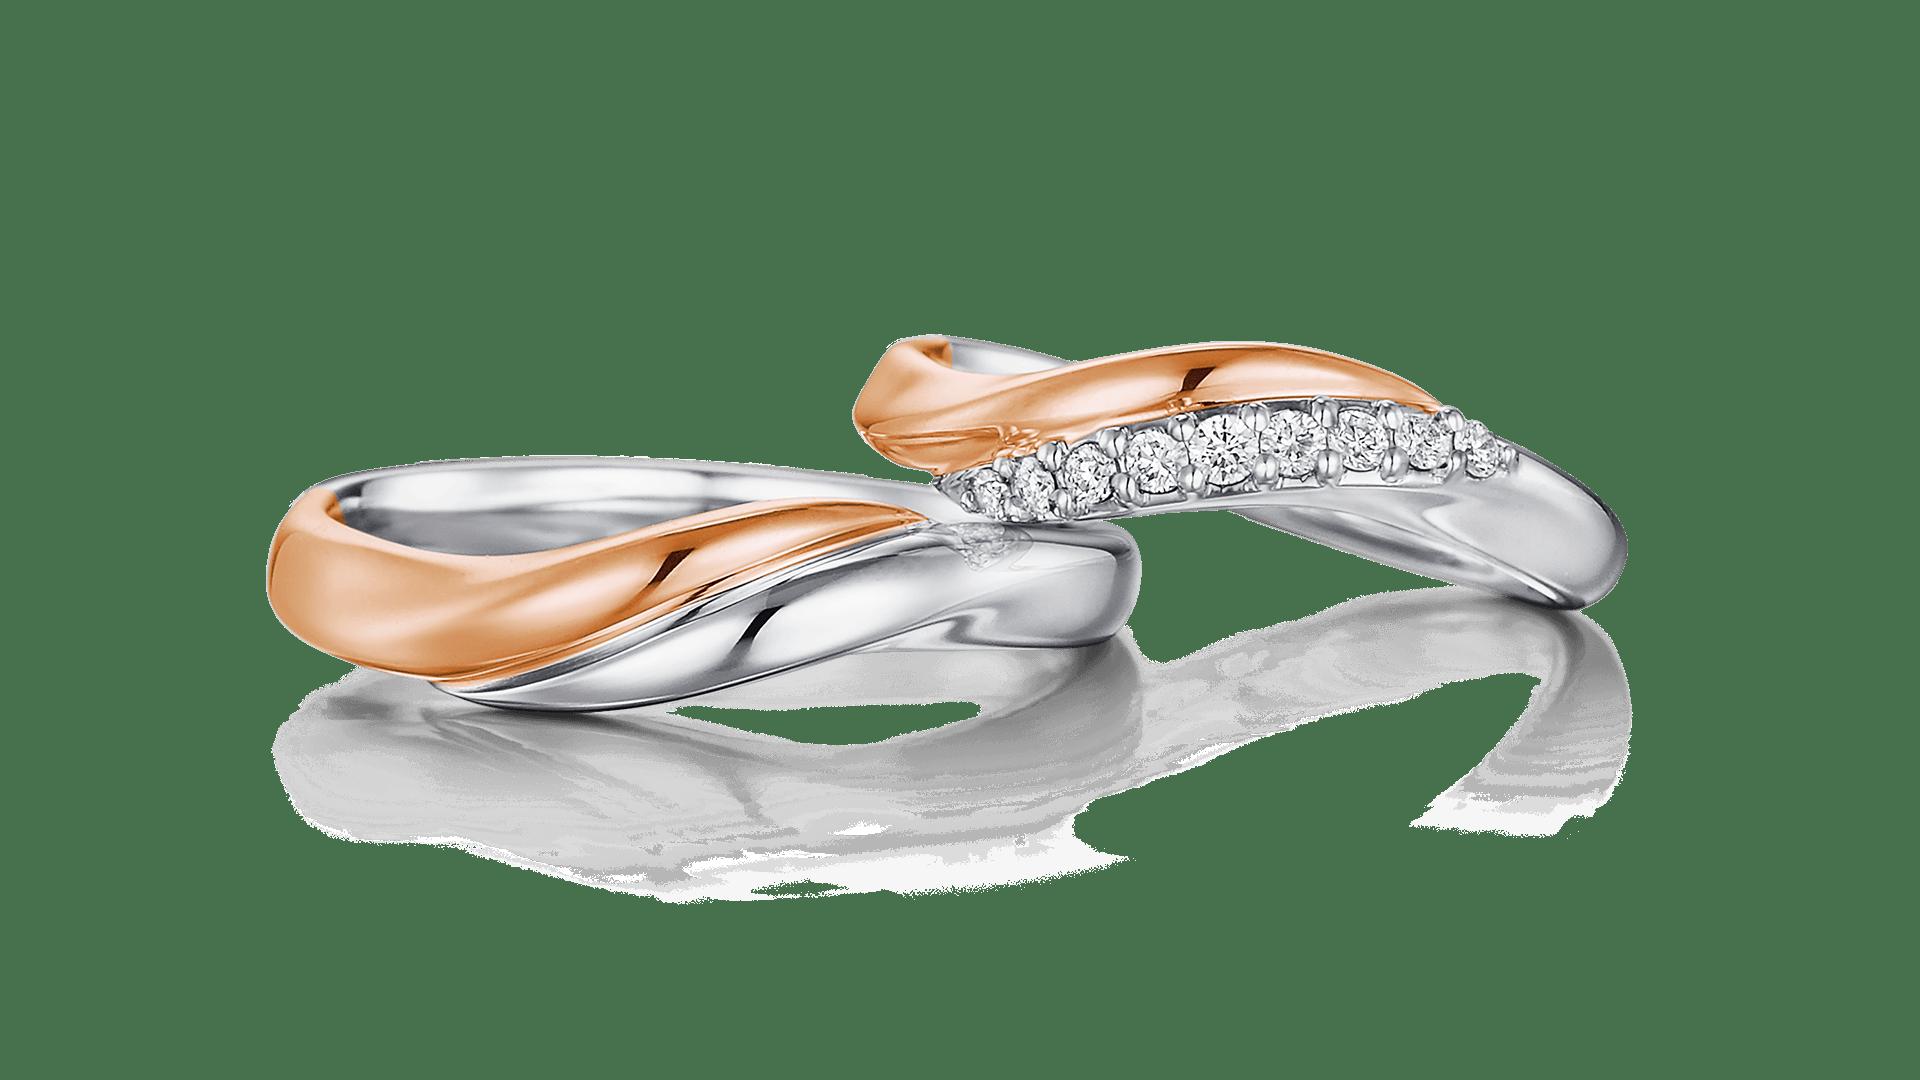 aurora オーロラ | 結婚指輪サムネイル 1